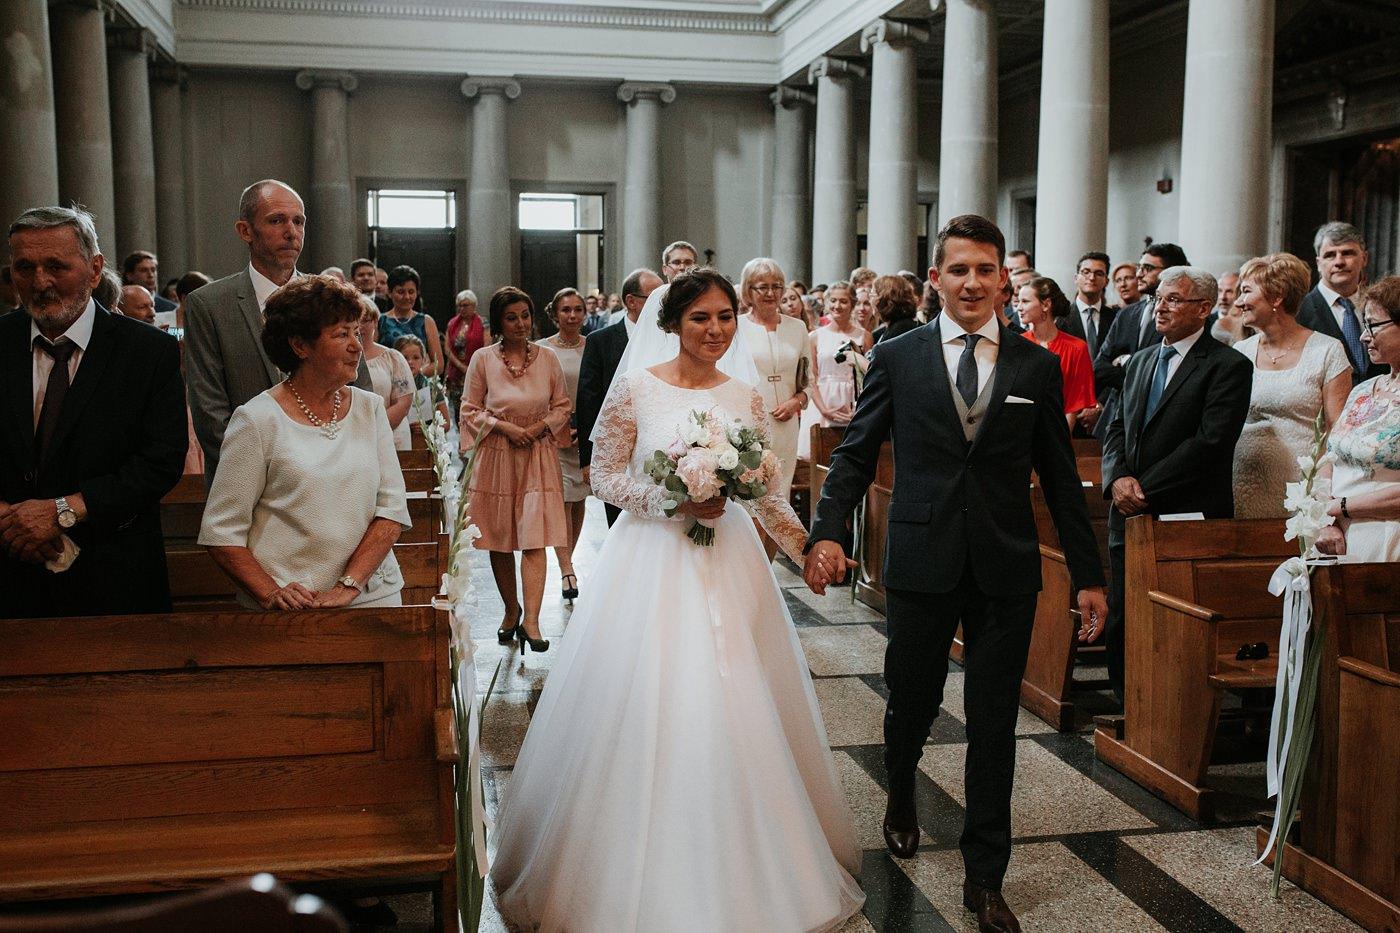 Dominika & Aleksander - Rustykalne wesele w stodole - Baborówko 47